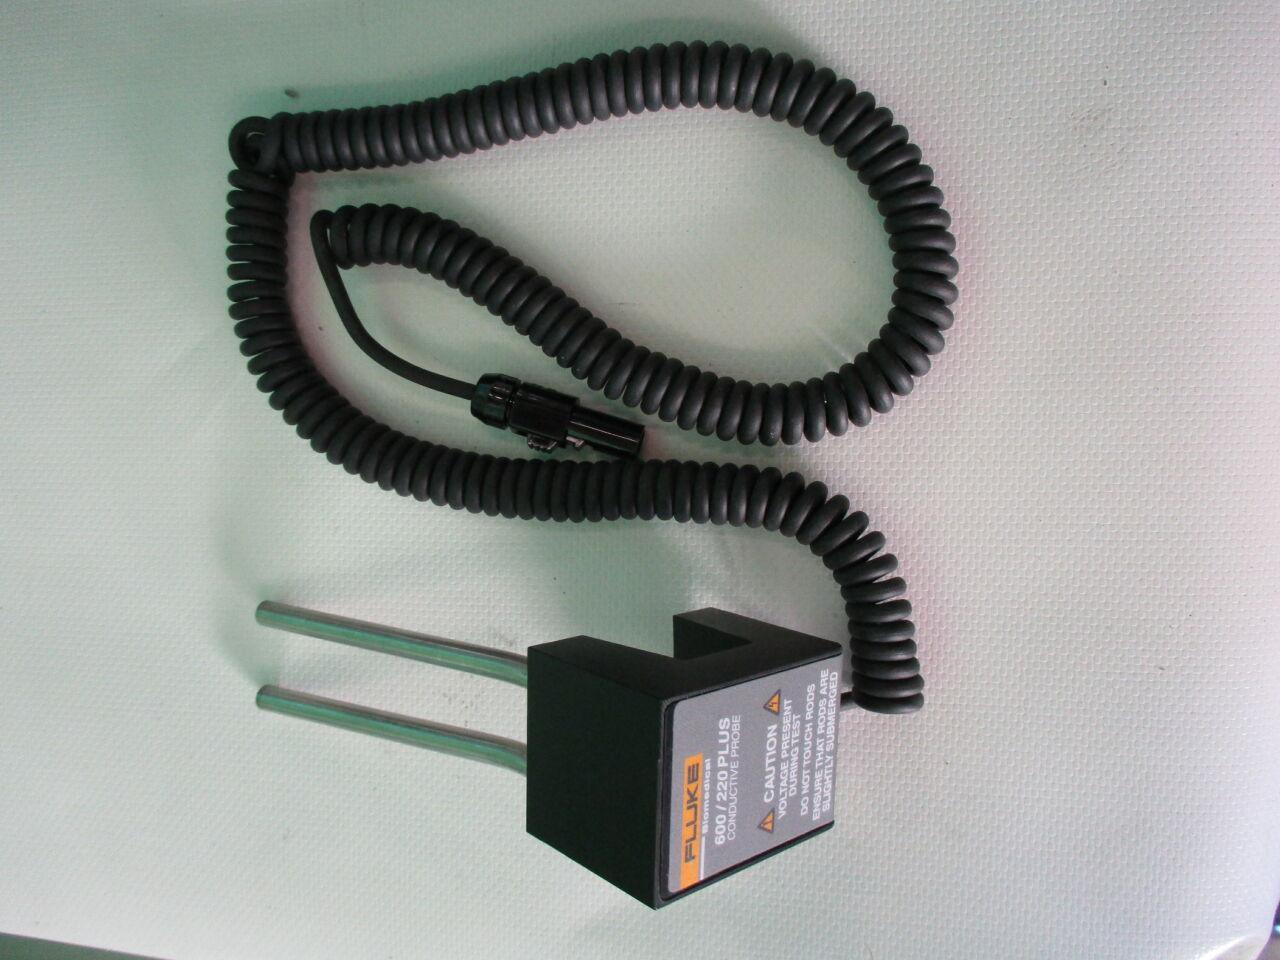 FLUKE UL-T800 Ultrasound Transducer